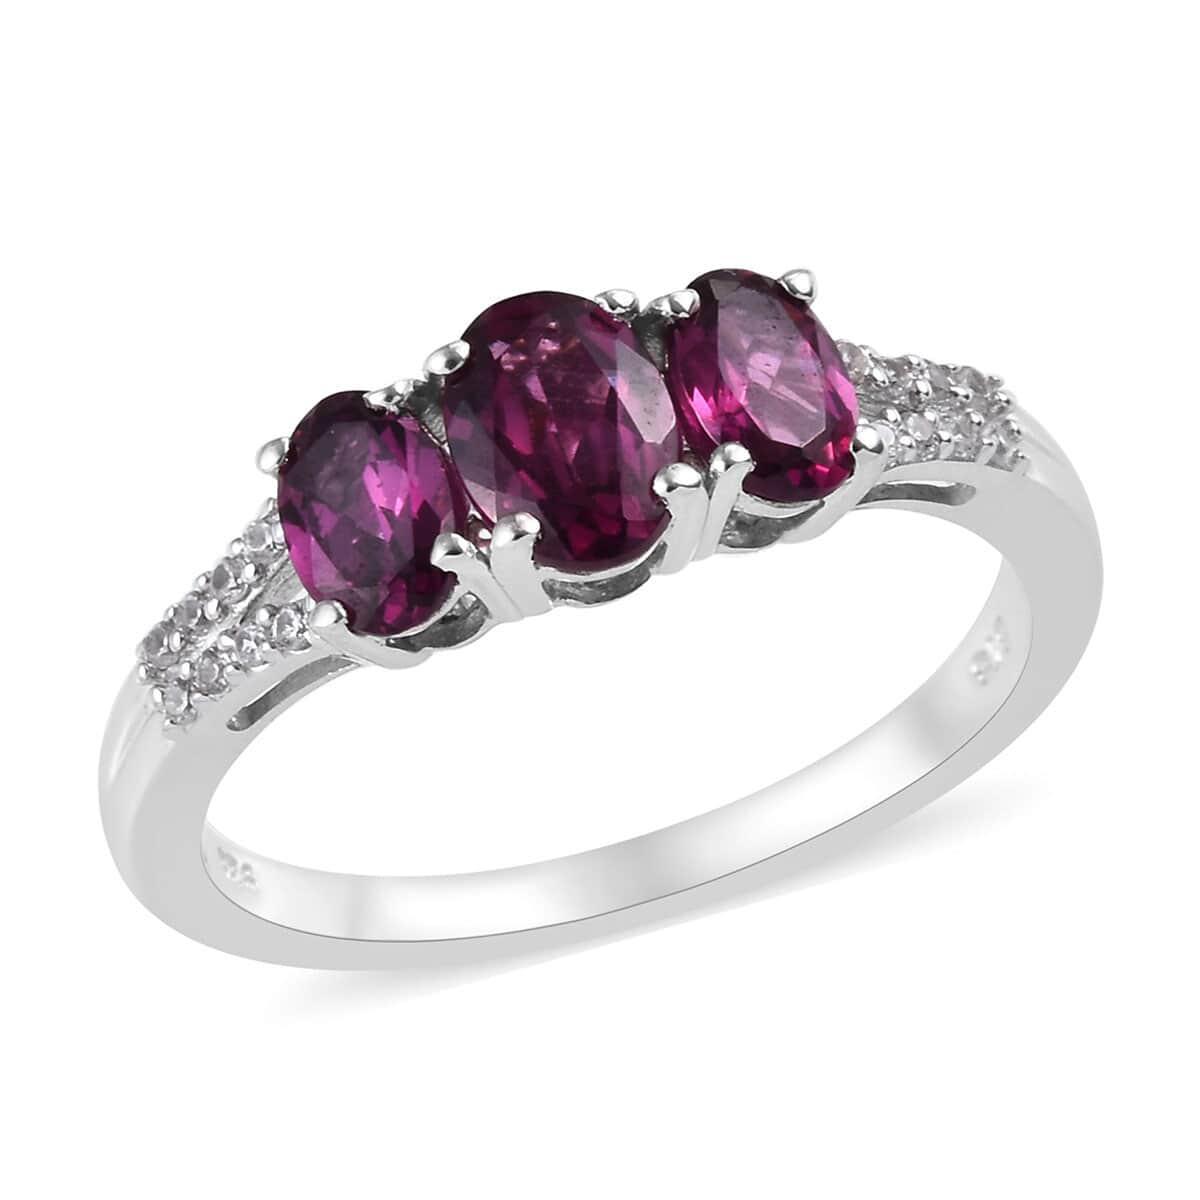 Orissa Rhodolite Garnet, Zircon Ring in Platinum Over Sterling Silver (Size 9.0) 2.18 ctw